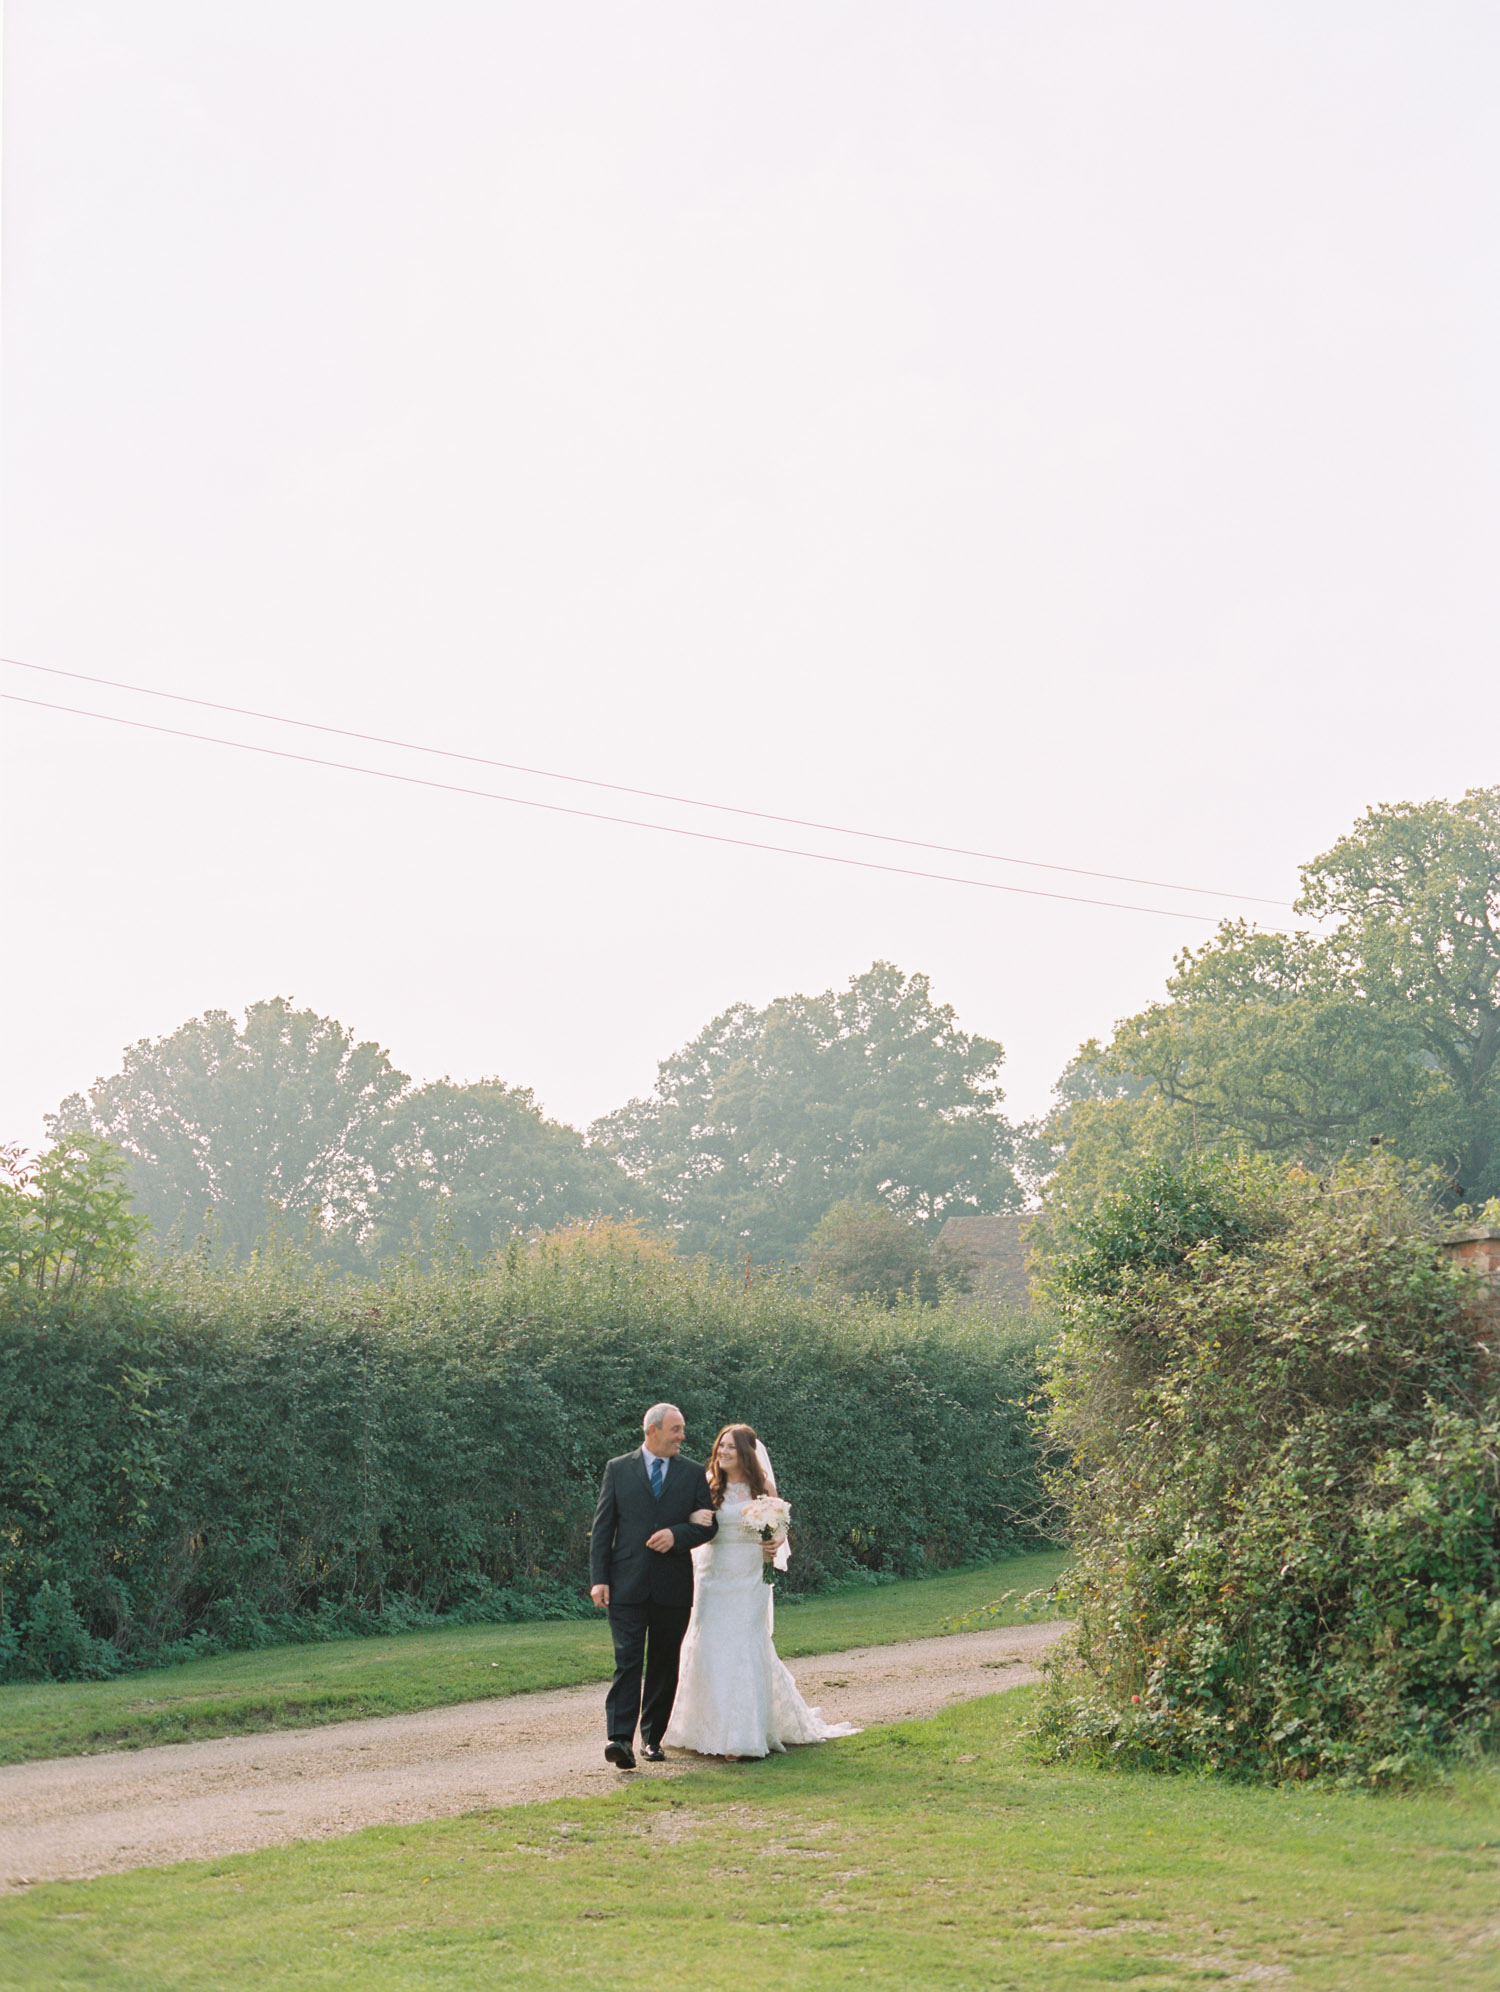 London_Wedding_Photographer-018.jpg